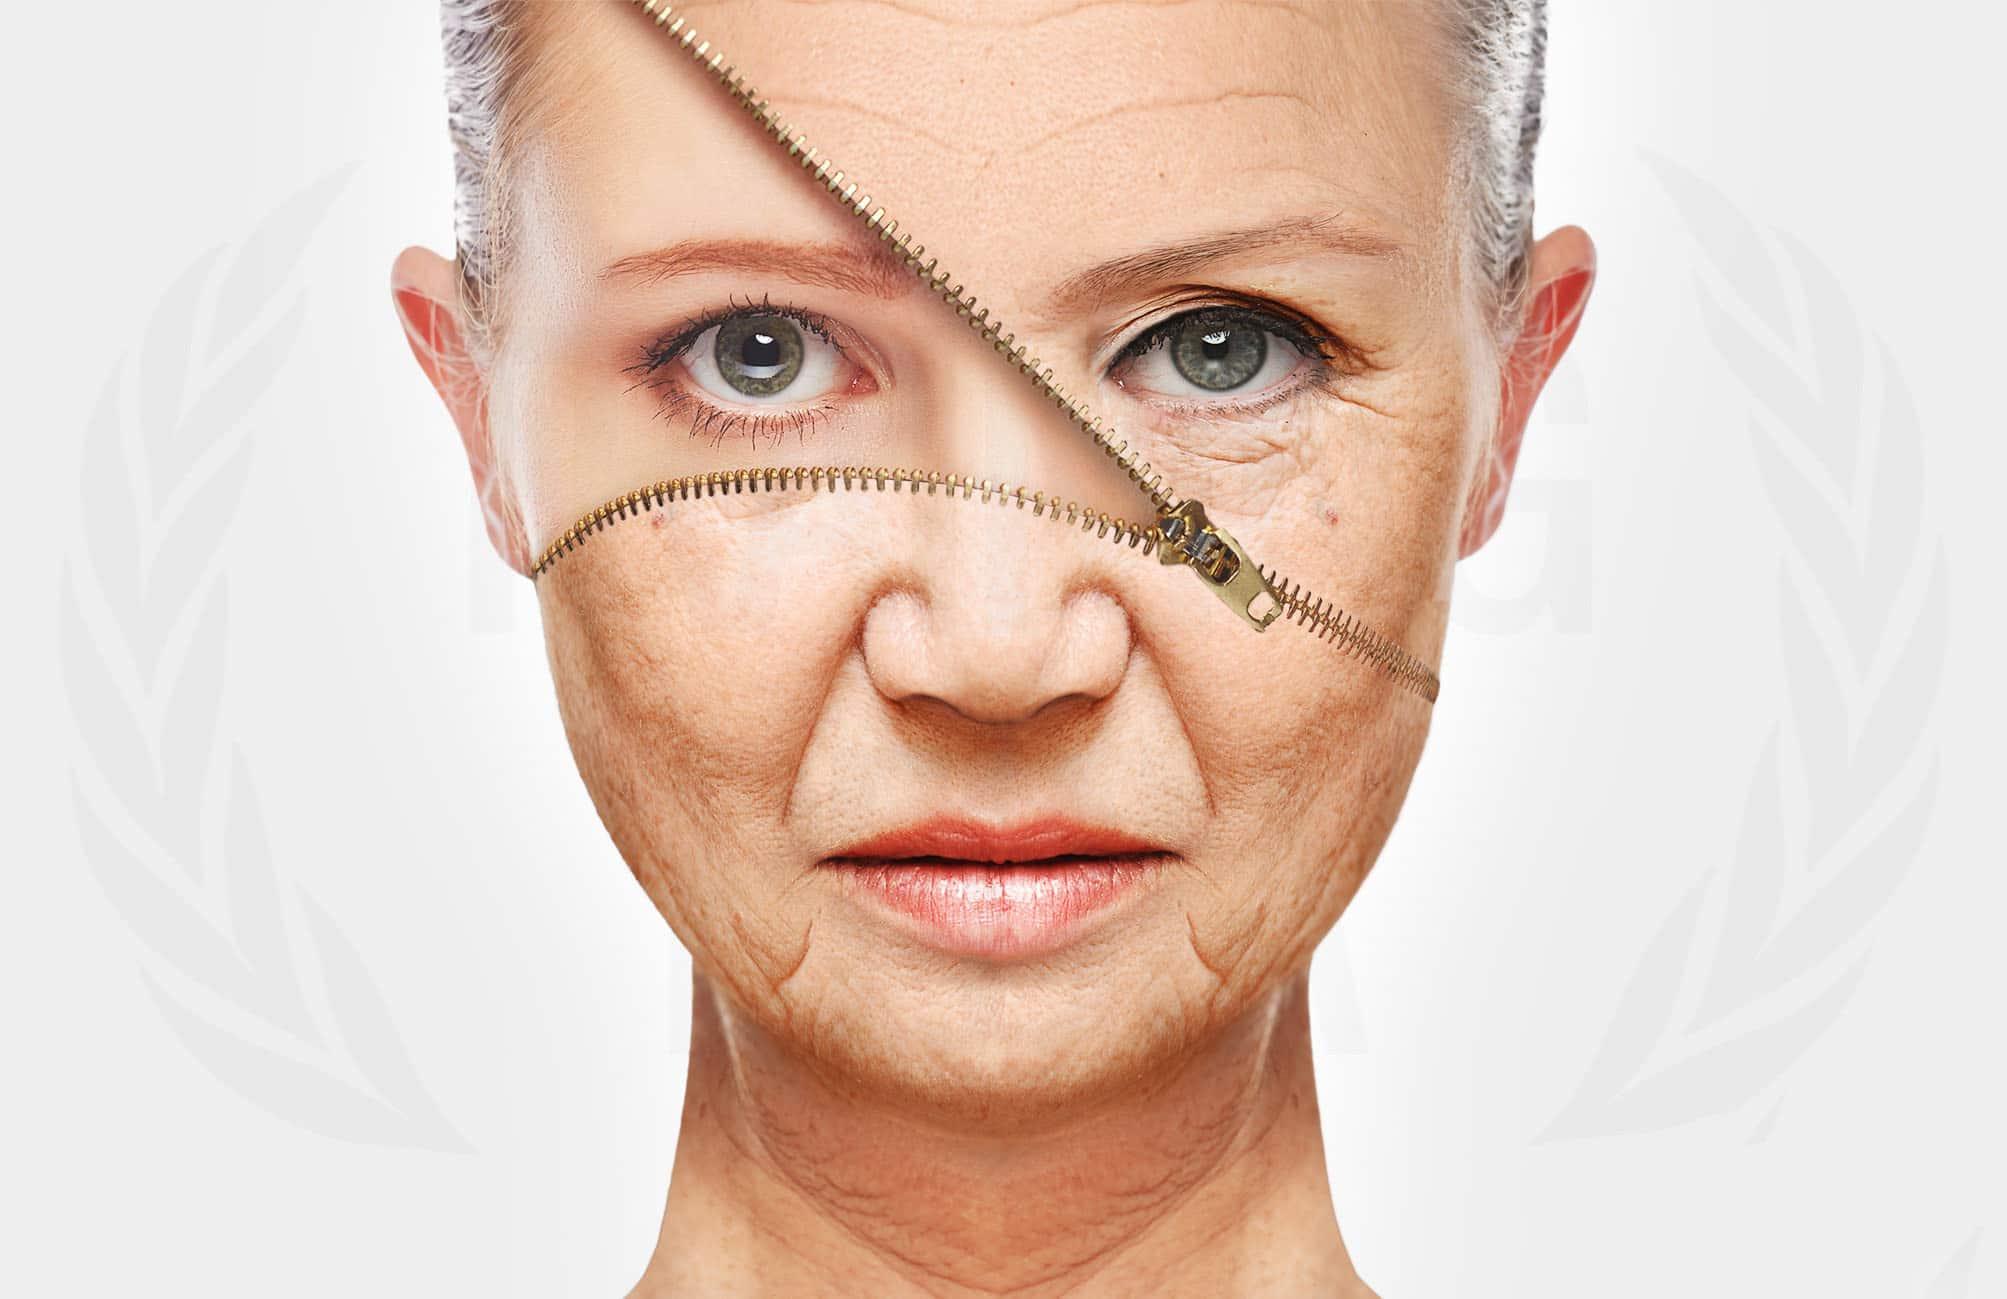 Ringiovanire è possibile, invertire l'invecchiamento